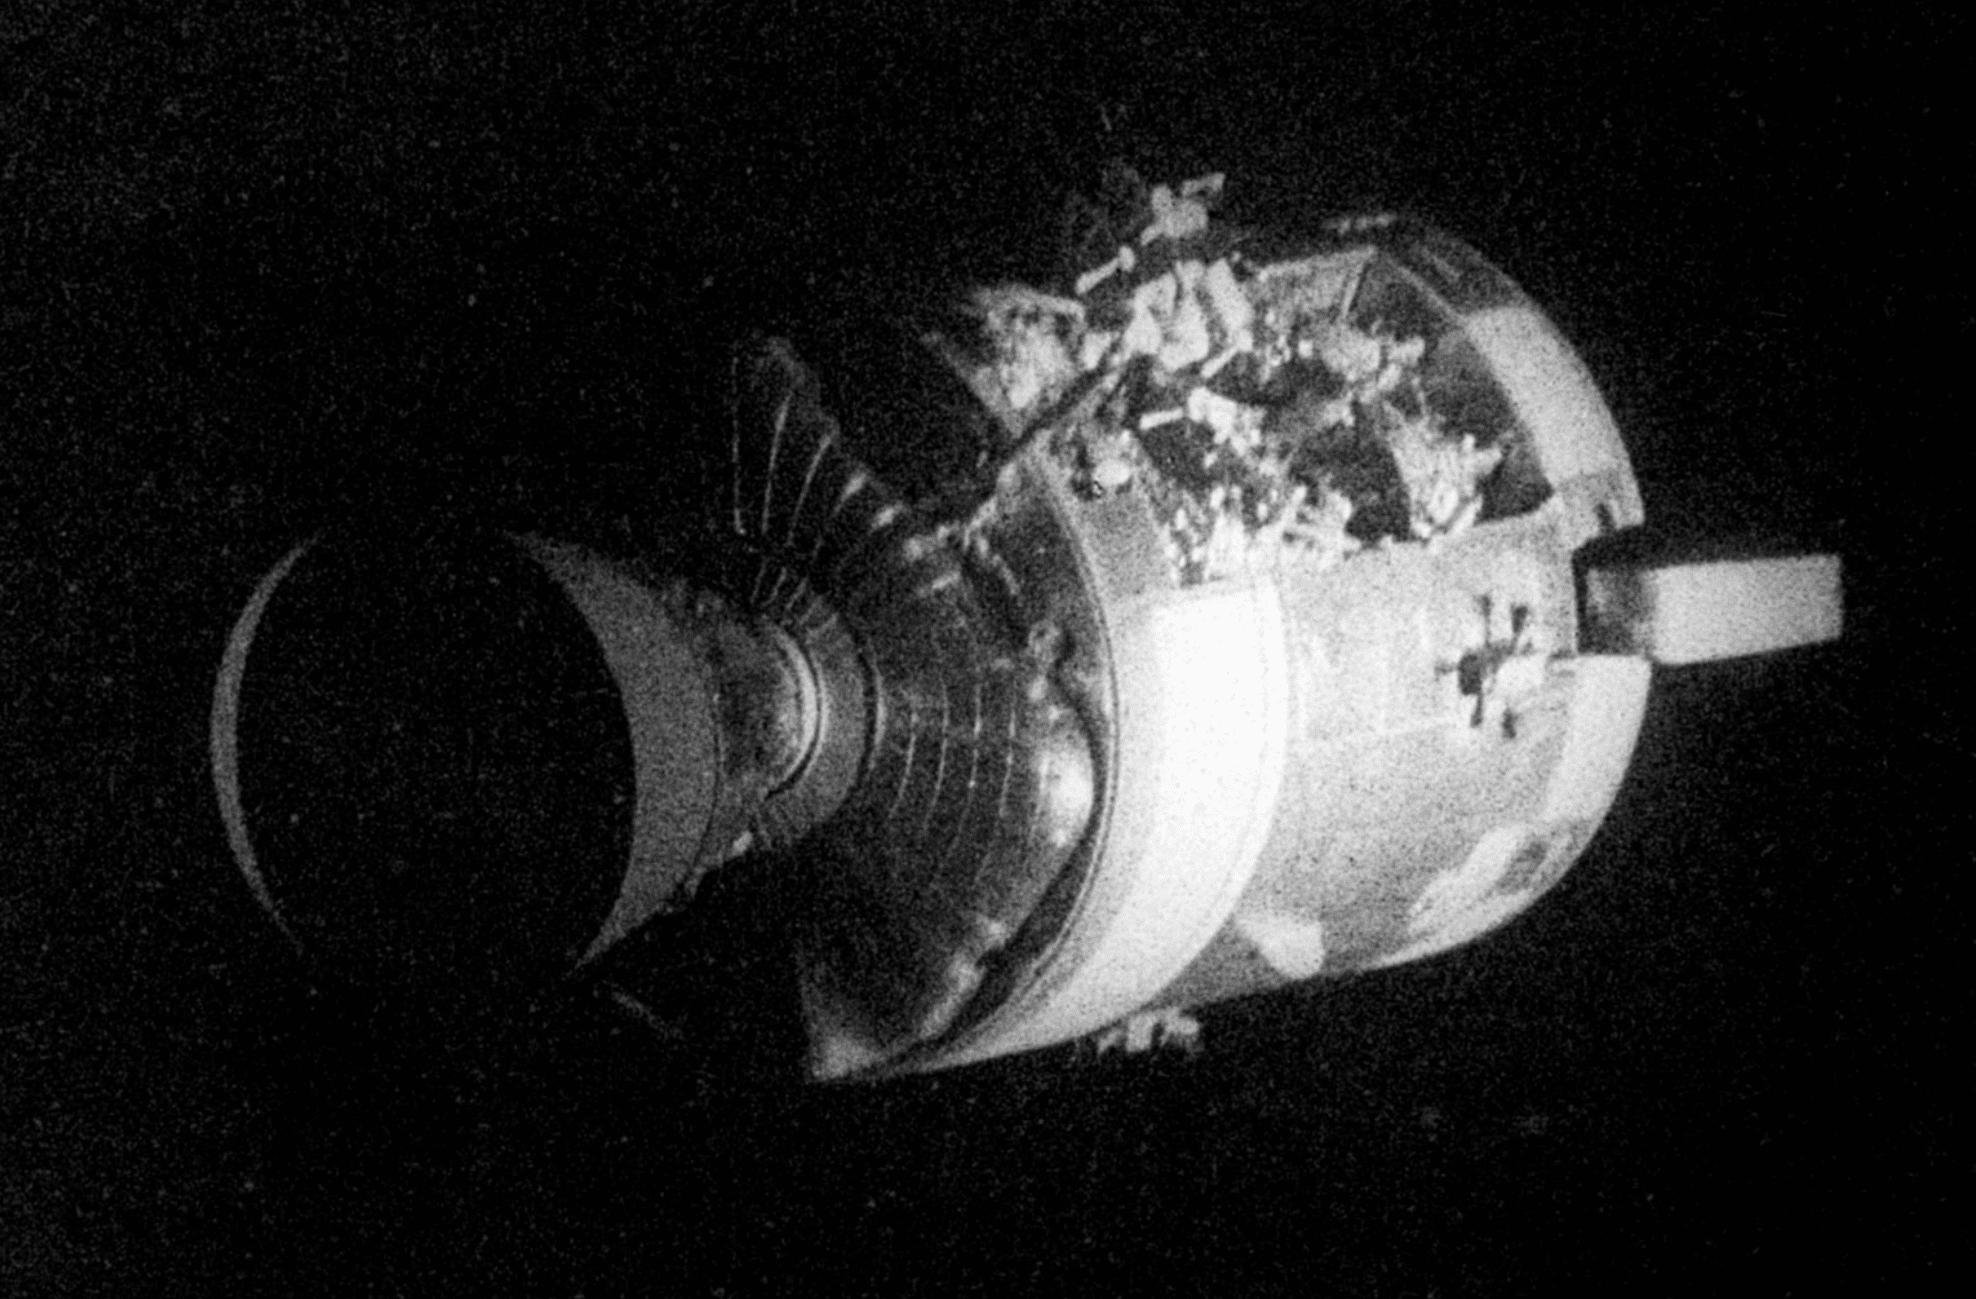 apollo-13-mission